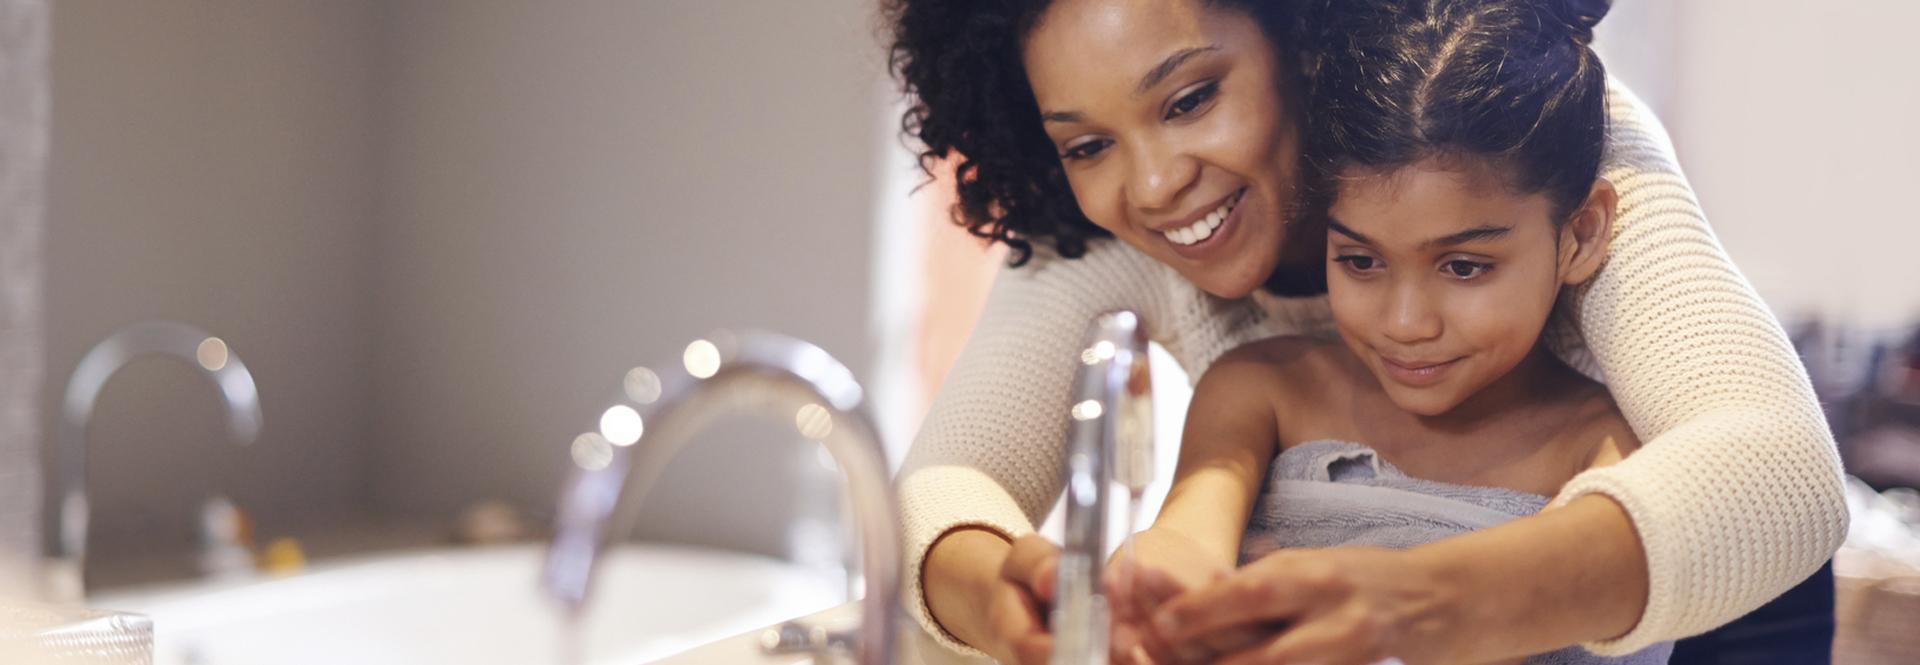 maman apprend à sa fille à se laver les mains